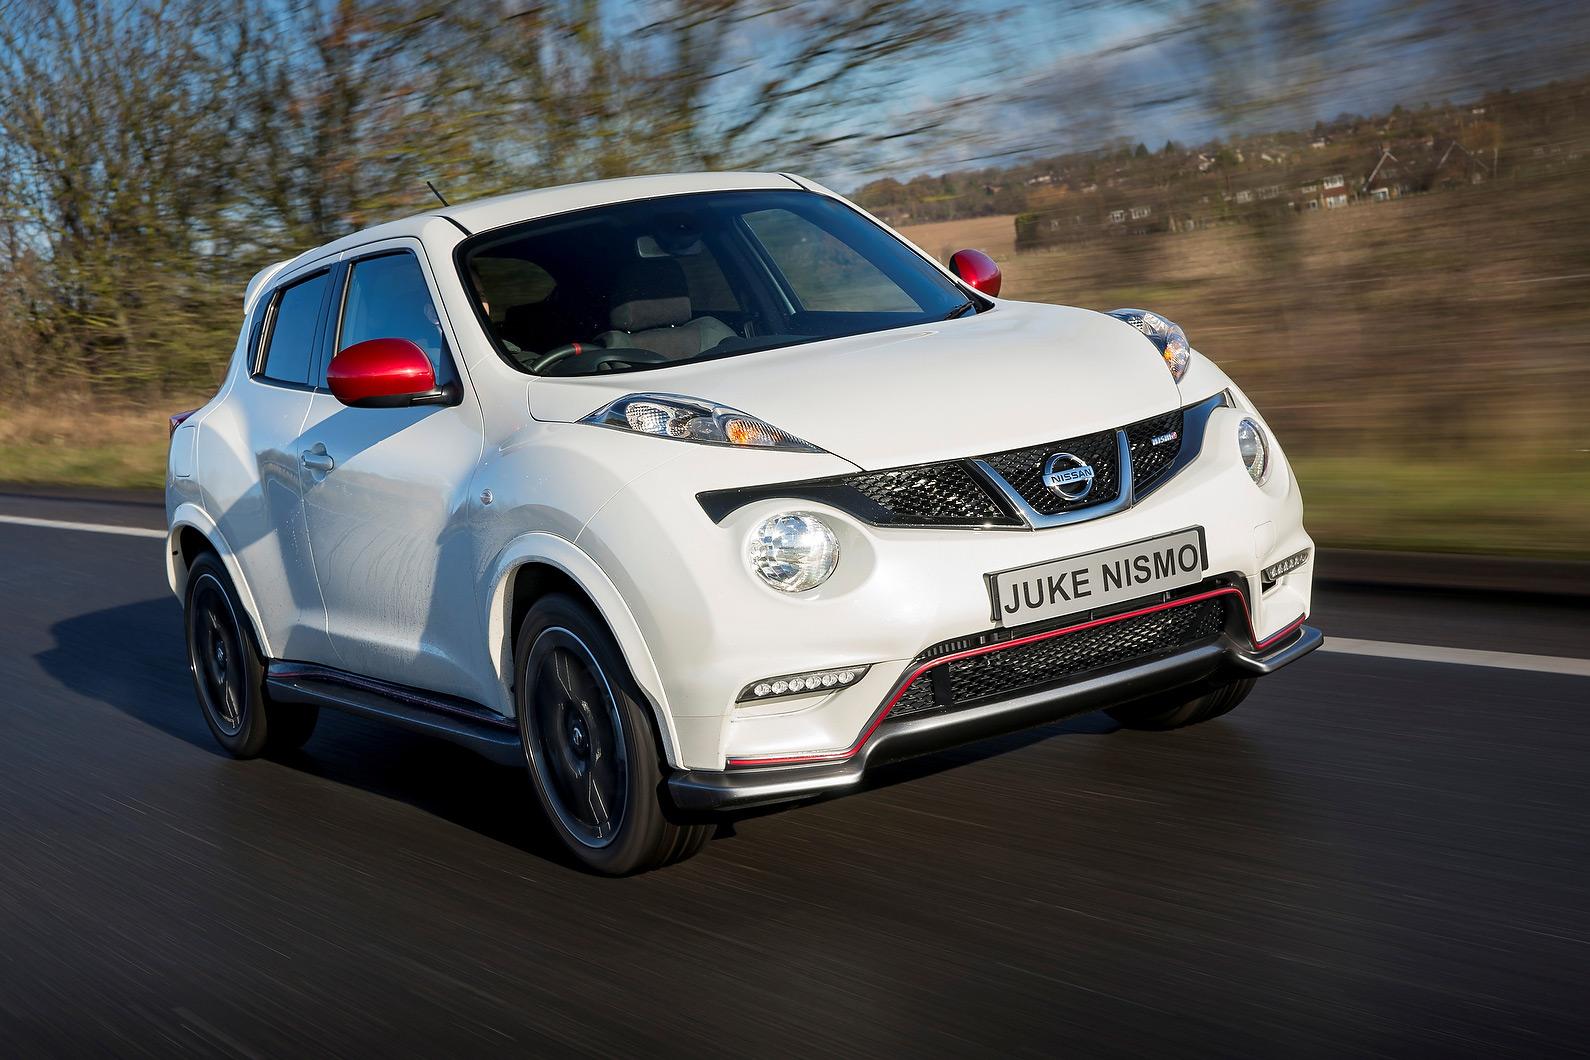 cars review uk nissan tekna dig t juke reviews